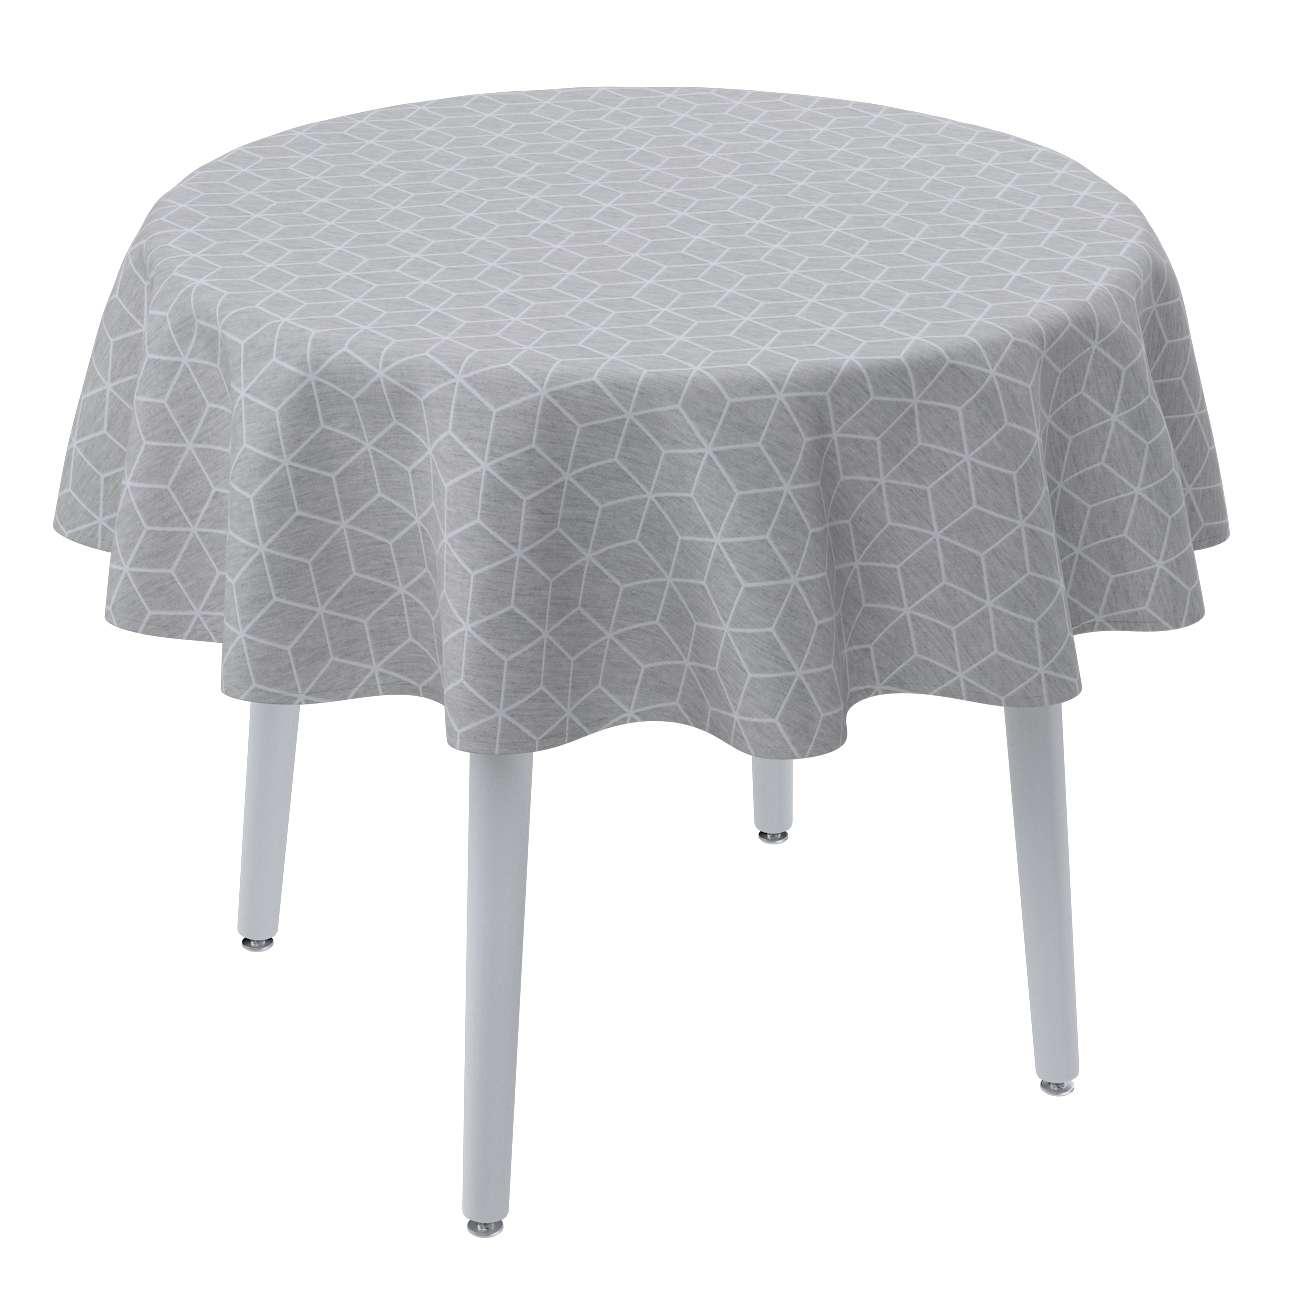 Runde Tischdecke von der Kollektion Sunny, Stoff: 143-50